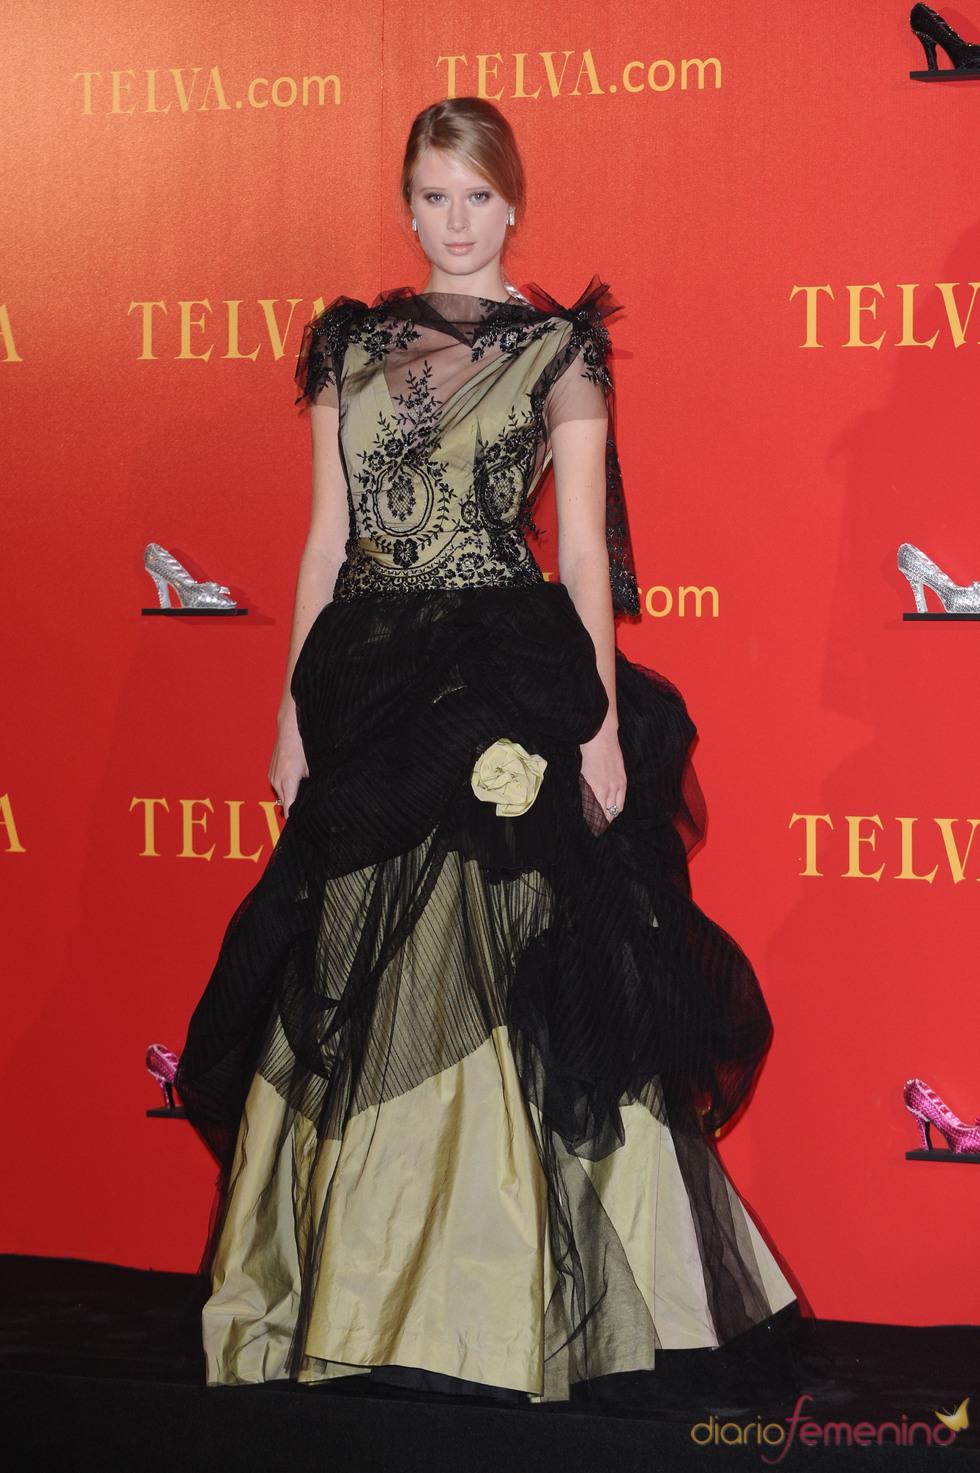 Premios Telva 2010 con Ekaterina Bosé